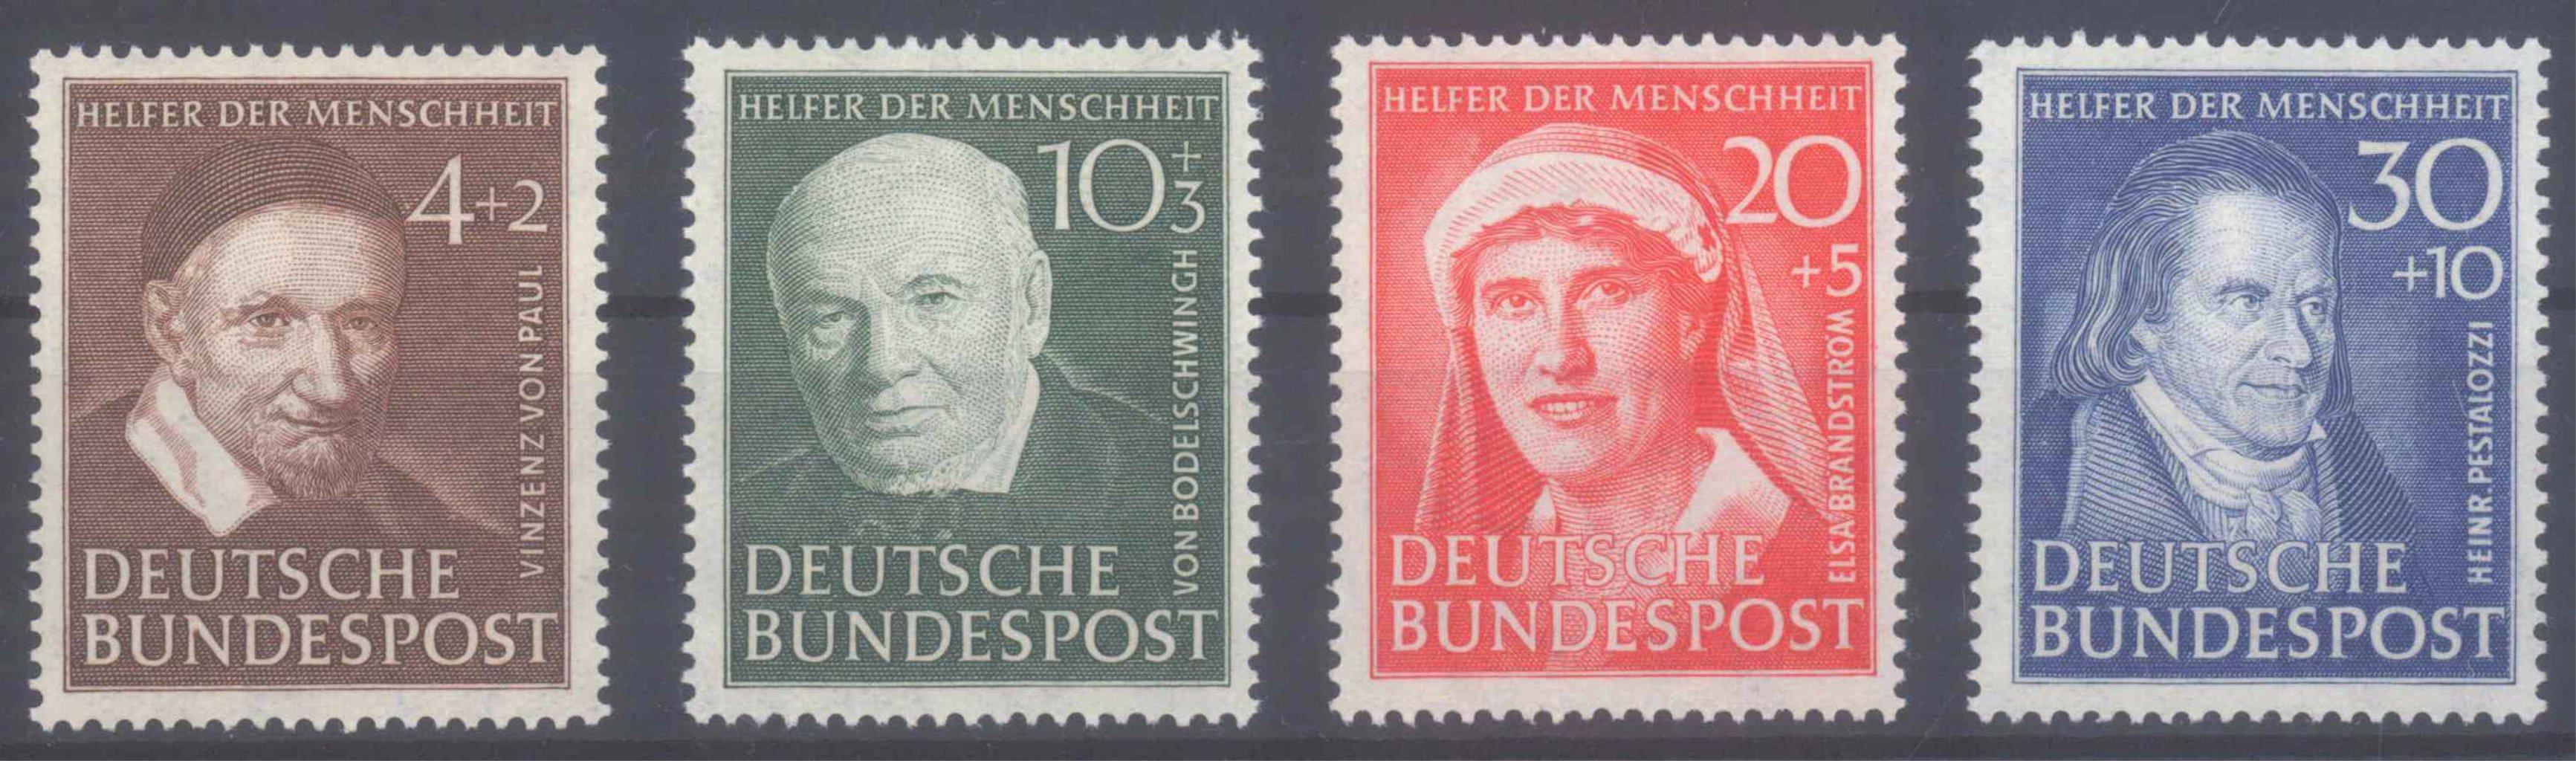 BUND 1951, Wohlfahrt